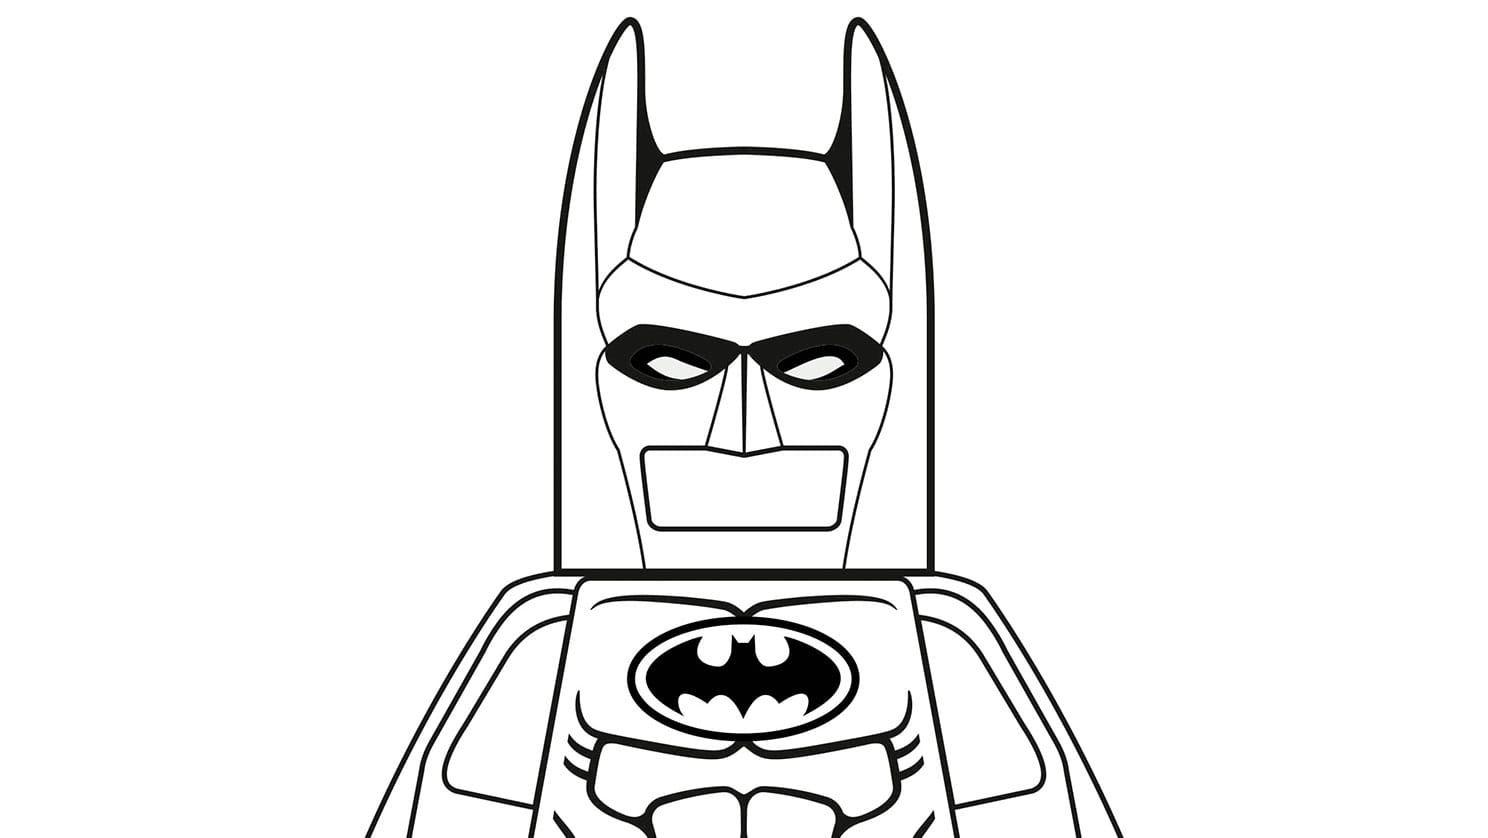 Batman Batman coloring pages, Lego coloring pages, Lego